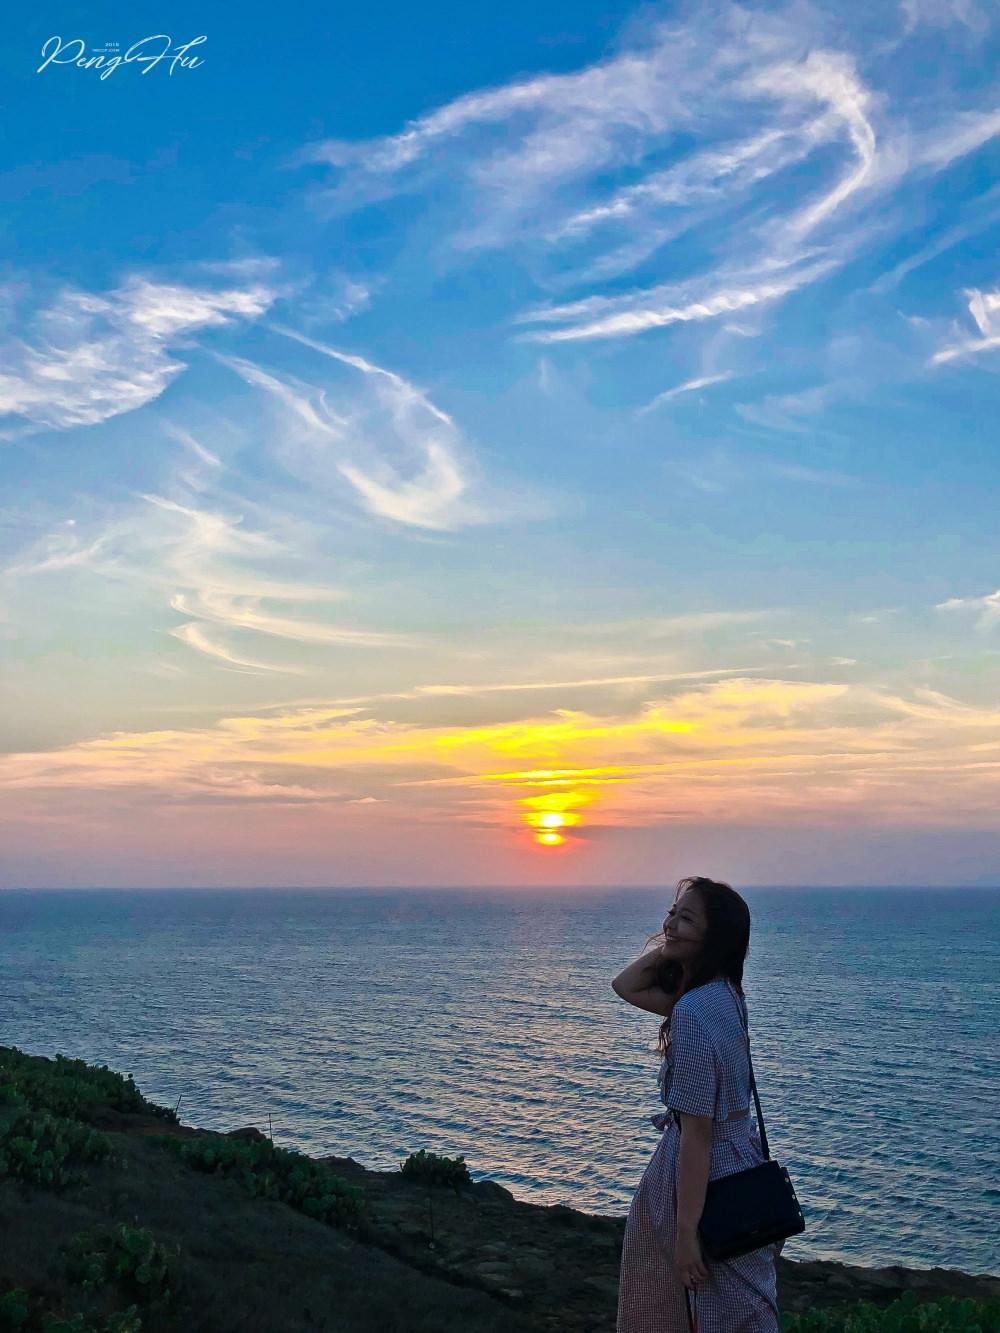 澎湖看夕陽景點推薦:西嶼燈塔/漁翁島燈塔旁邊大草原 - 啾啾愛亂拍